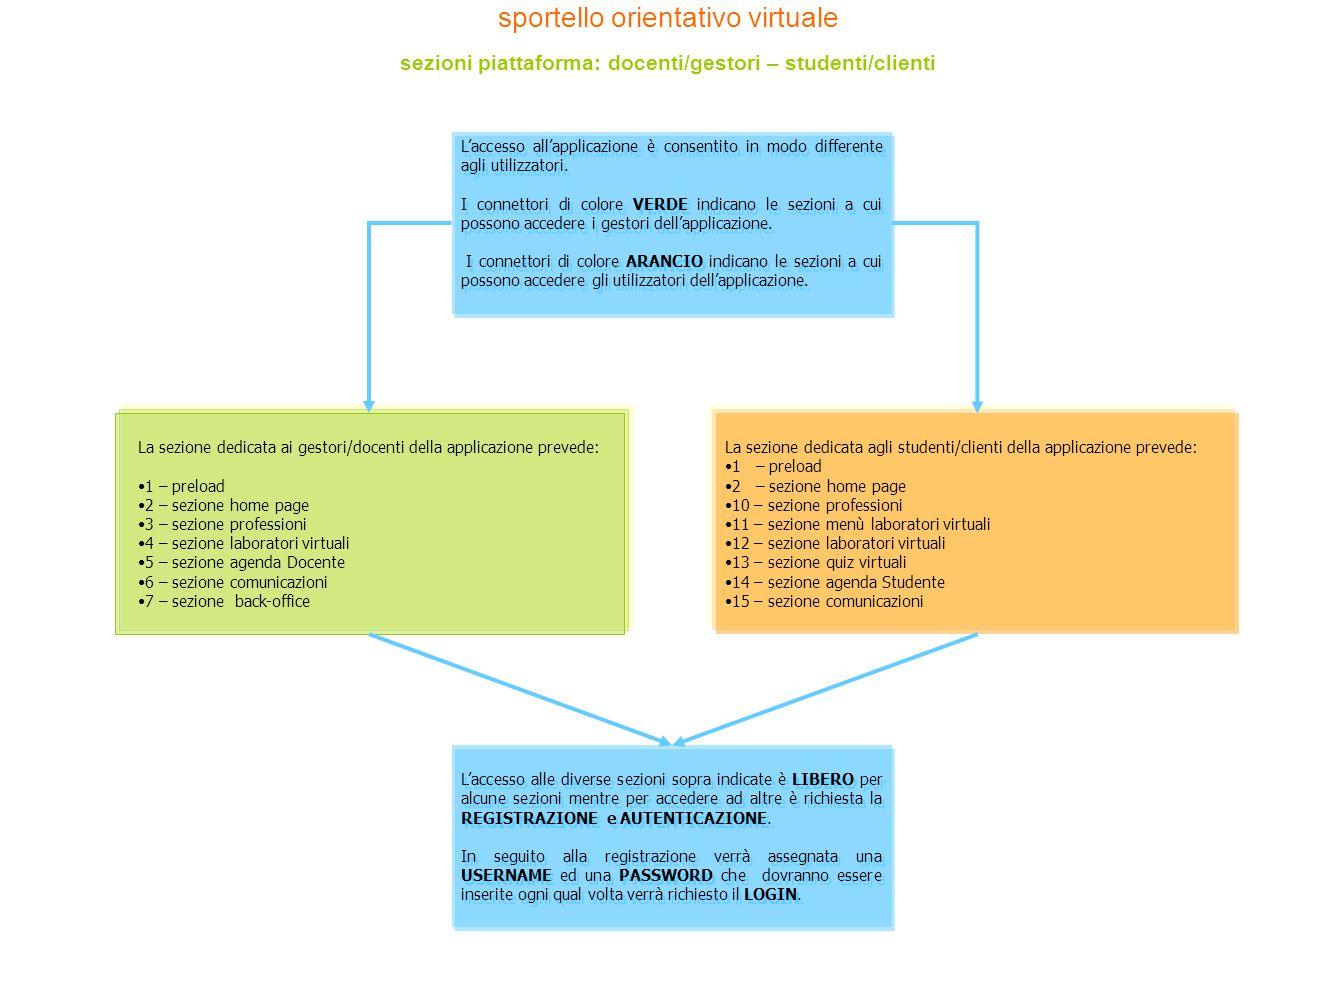 L'accesso all'applicazione è consentito in modo differente agli utilizzatori. I connettori di colore VERDE indicano le sezioni a cui possono accedere